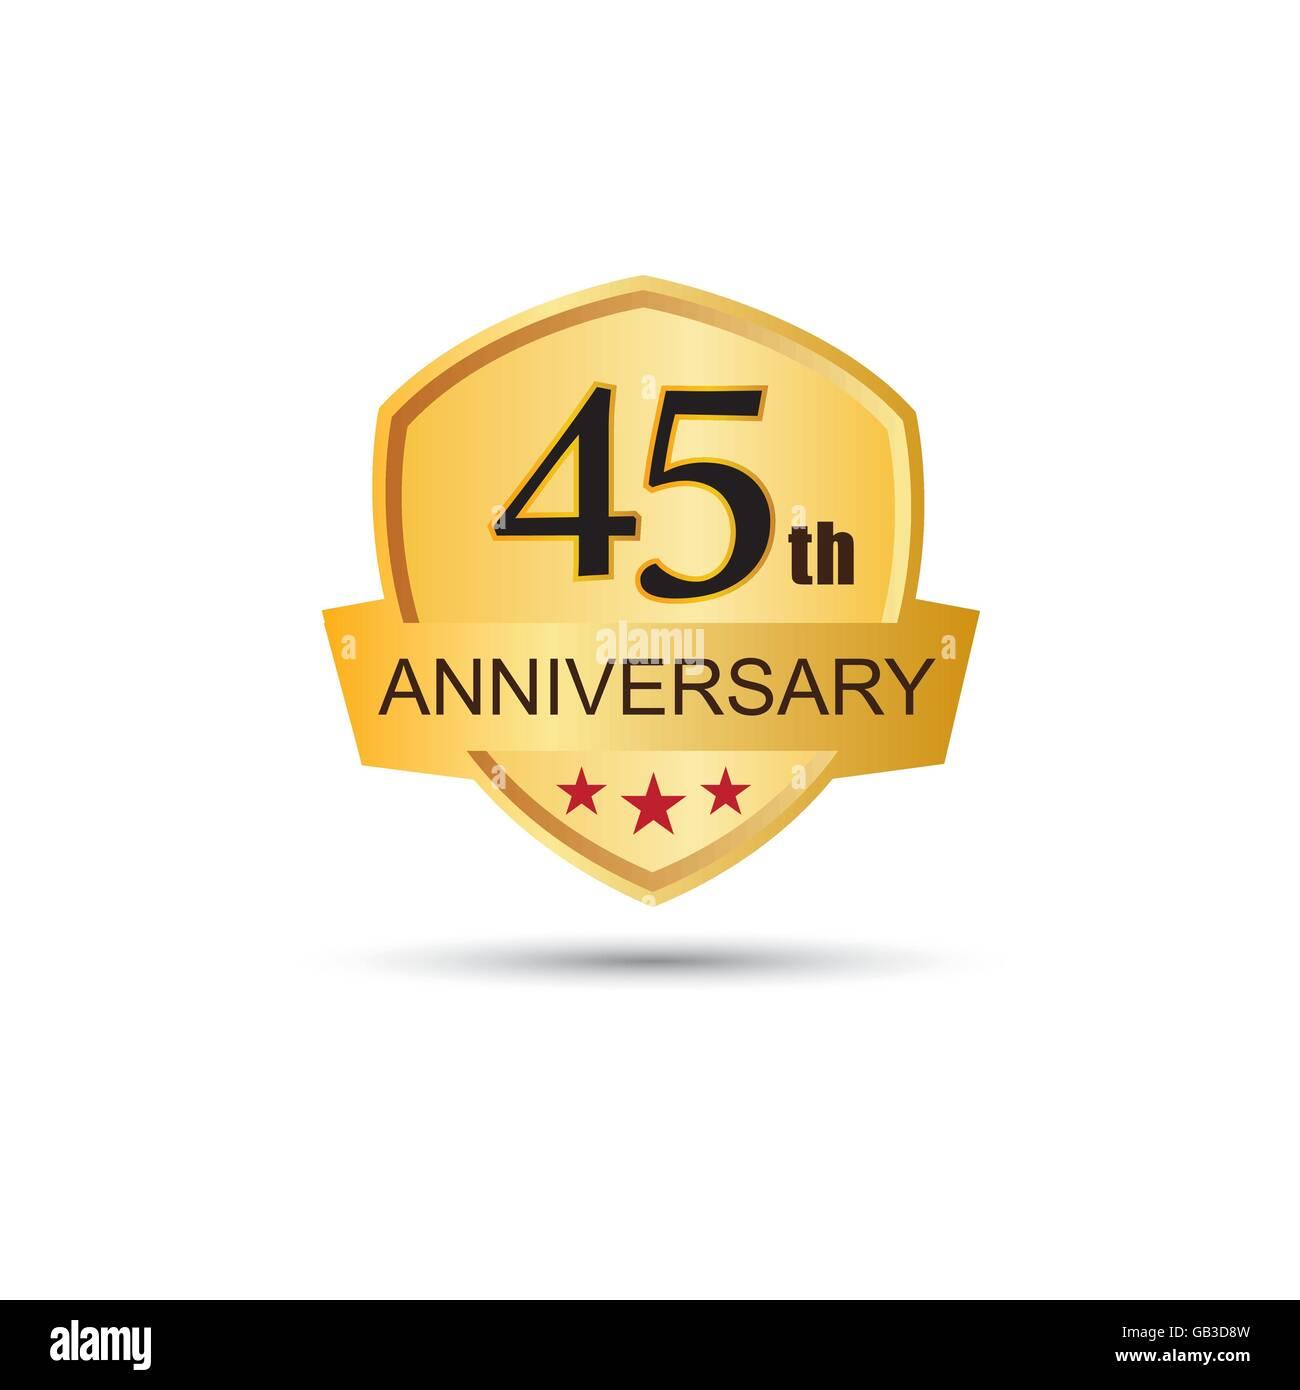 Golden badge 45 years anniversary logo - Stock Image